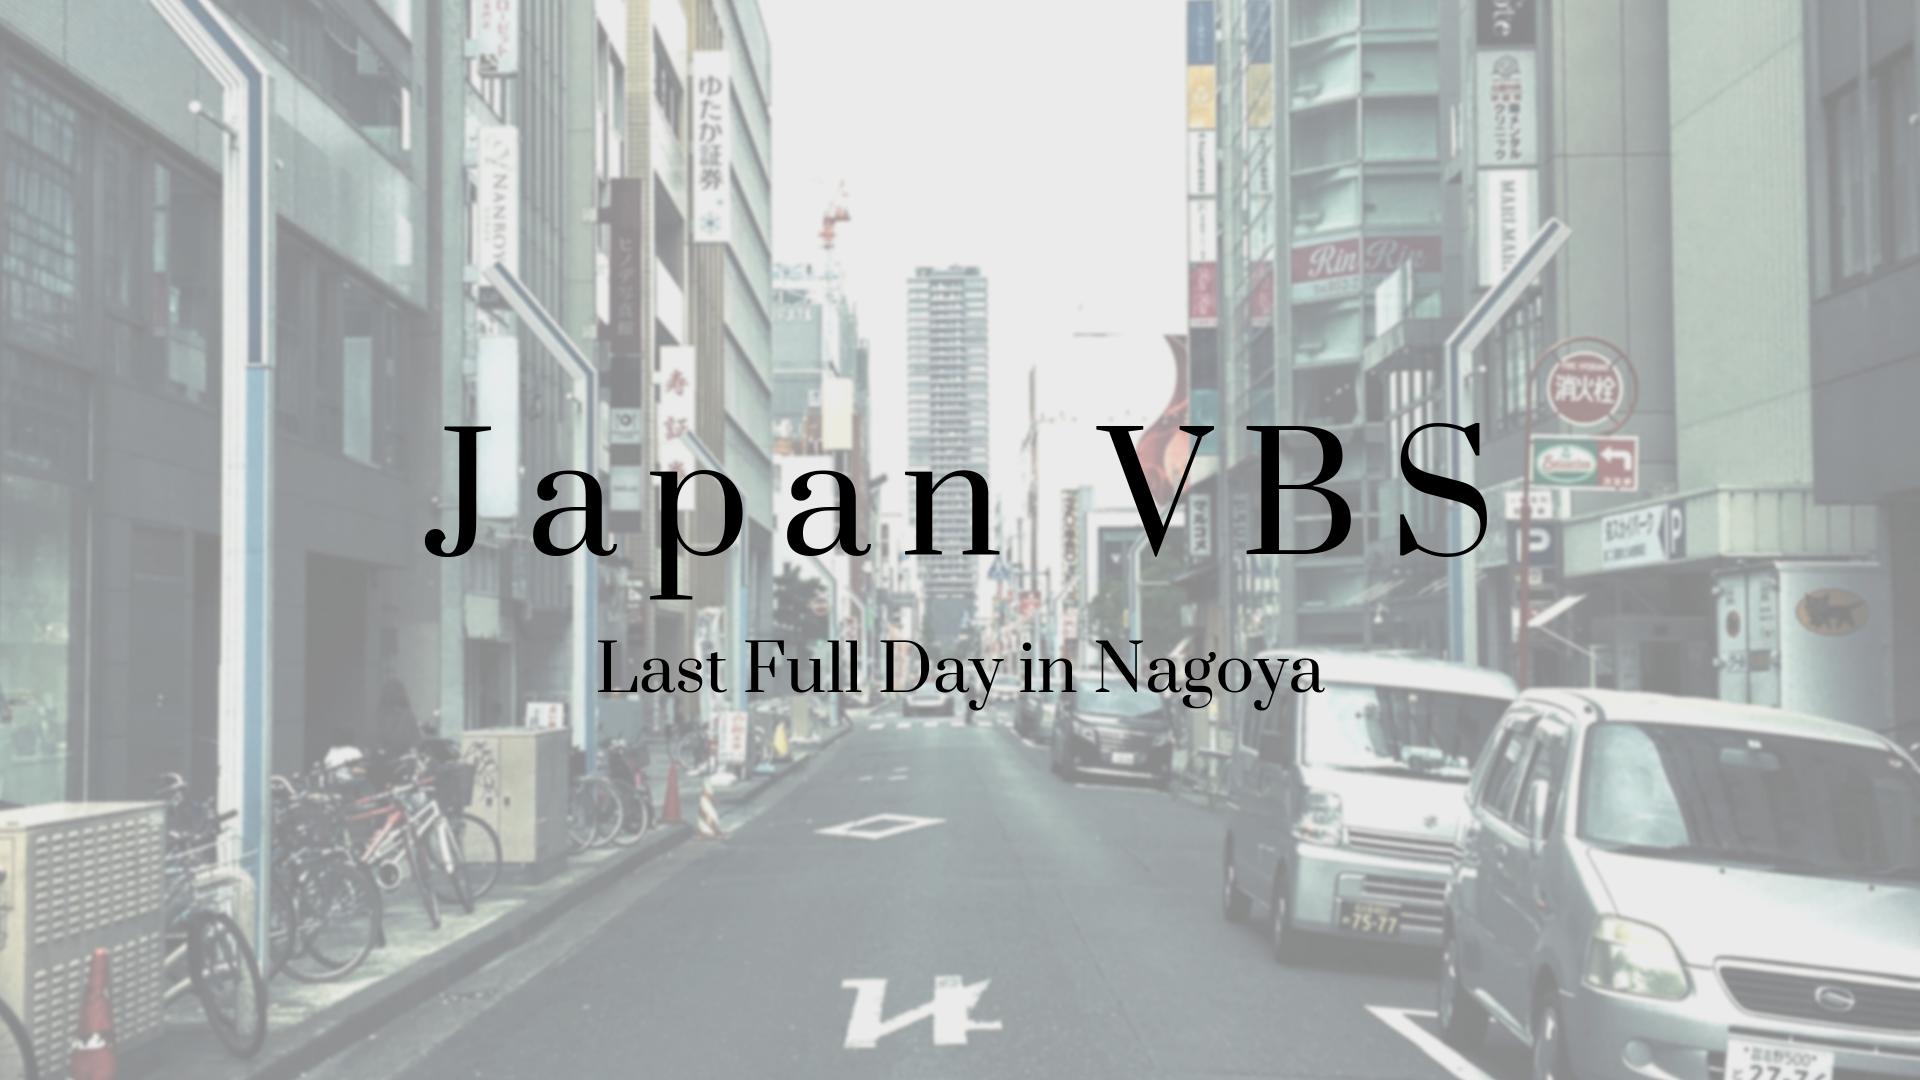 2019 Japan VBS: Last Full Day in Nagoya